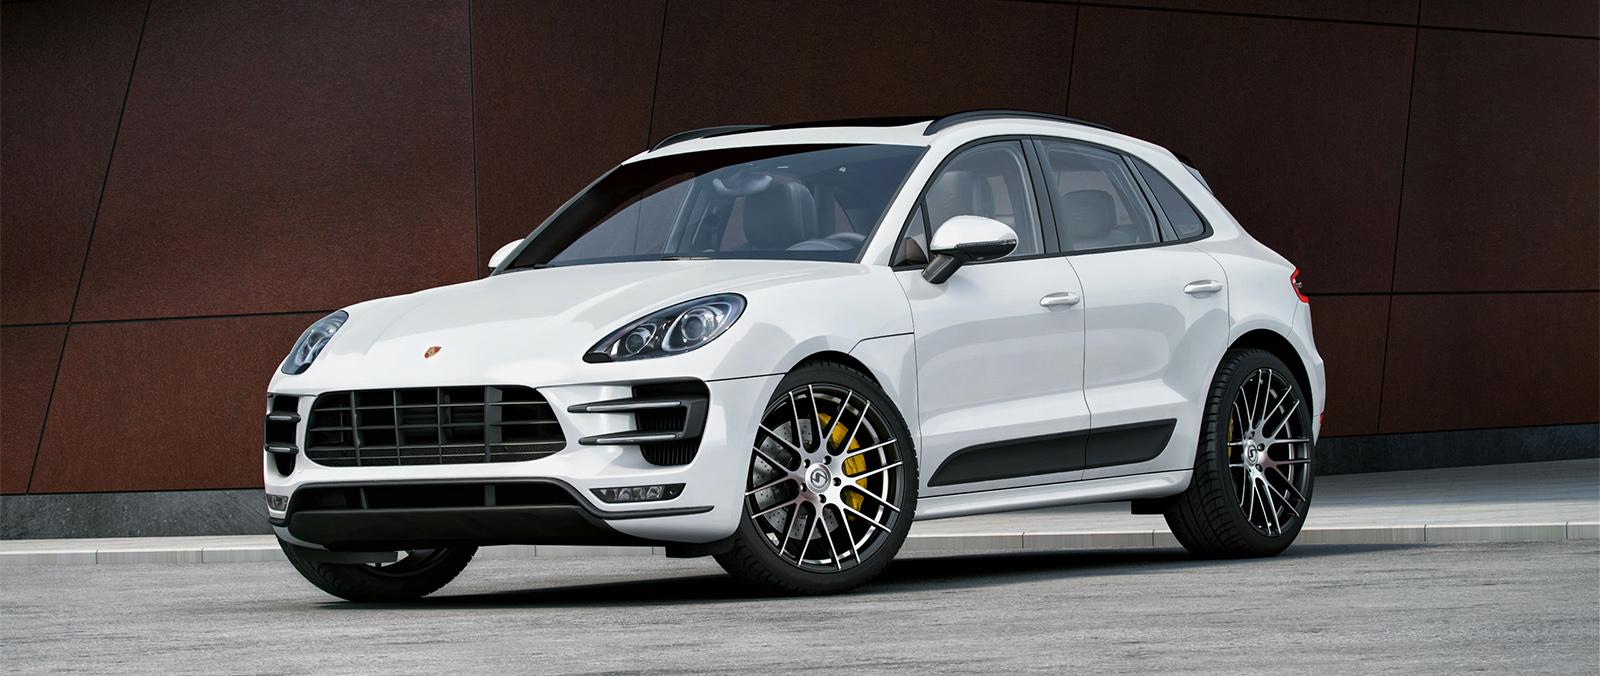 Porsche Macan Met Dikke Velgen Porsche Autoliefhebber Com